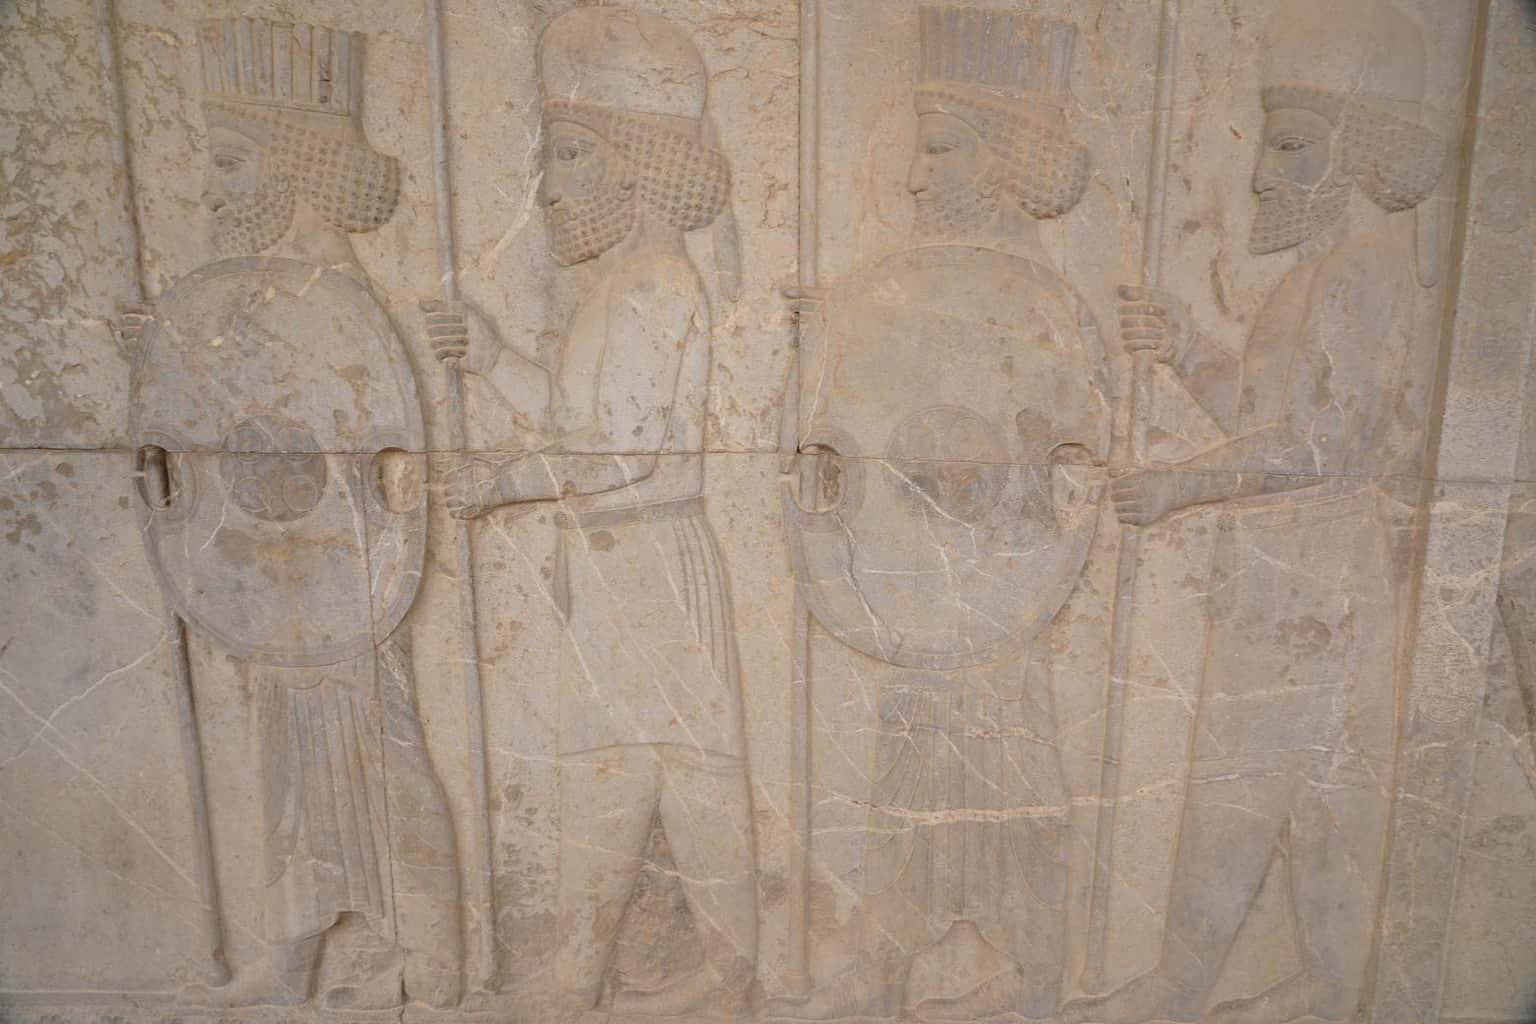 Персеполис Персеполис, центр великой Персидской империи. DSC06011